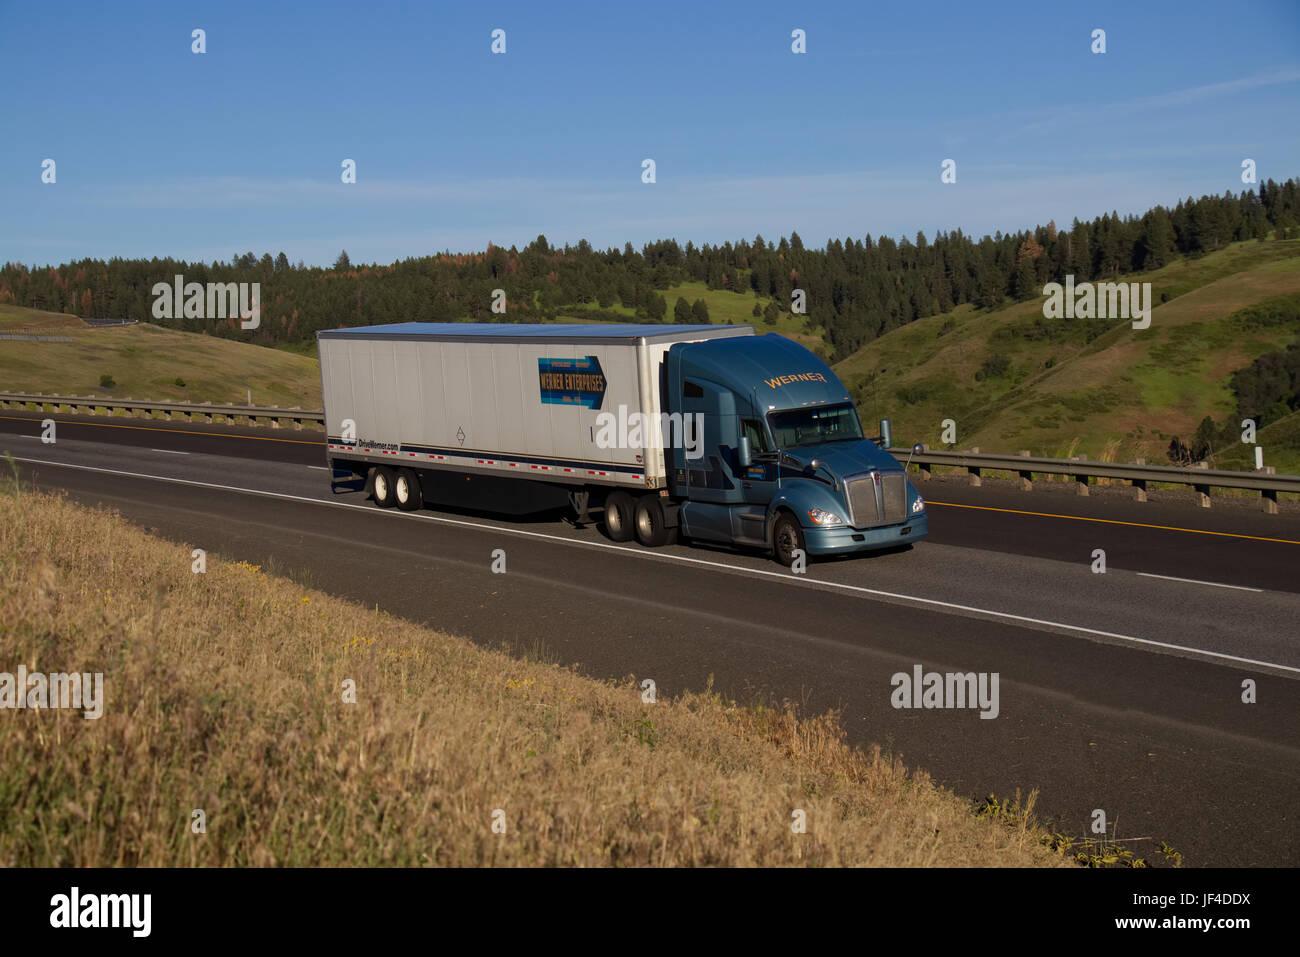 Werner Transportation / Blue Kenworth - Stock Image